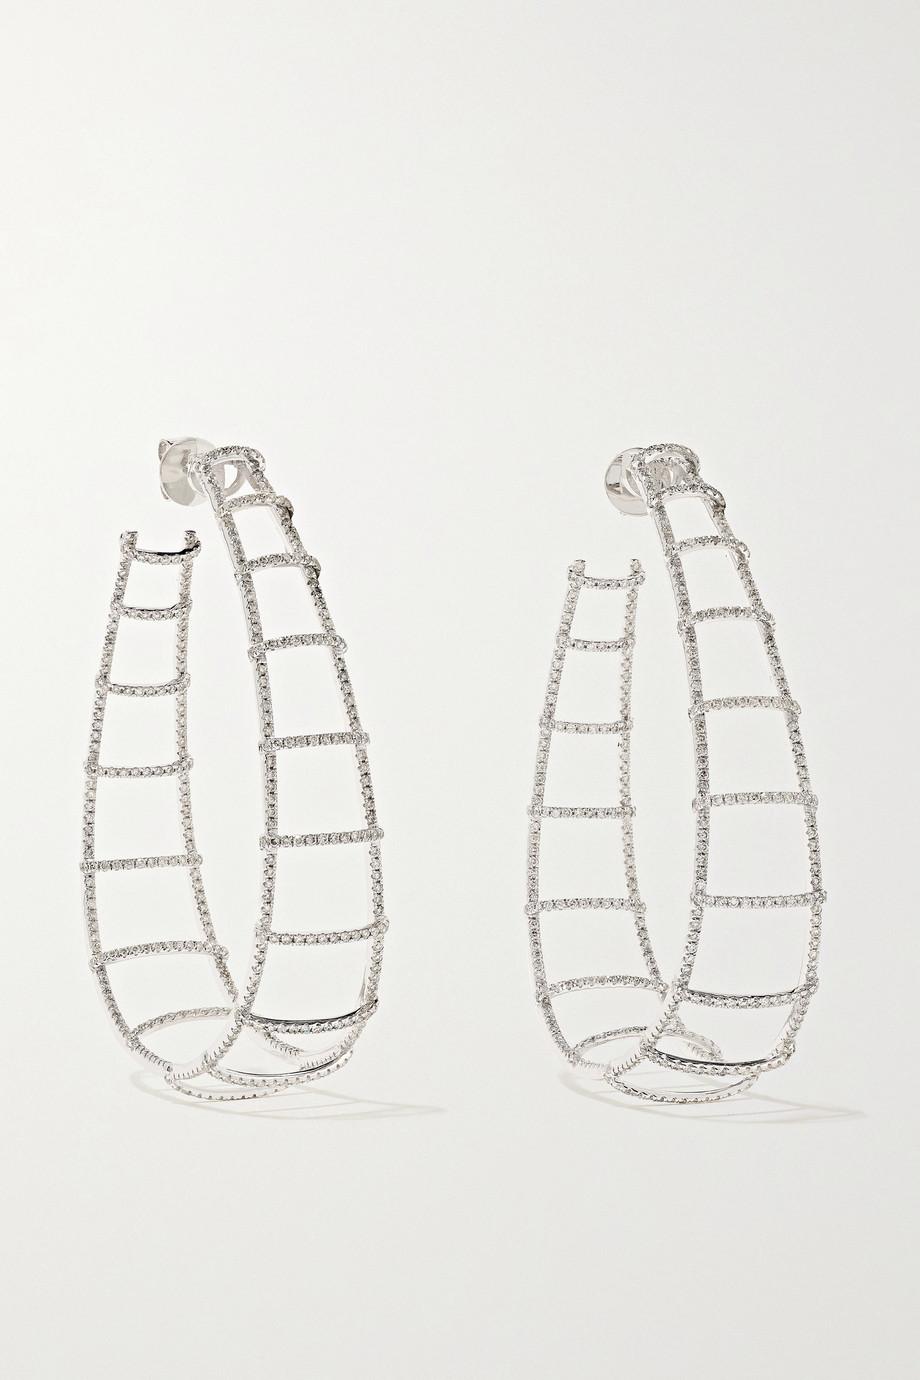 OFIRA Ladder 18-karat white gold diamond earrings